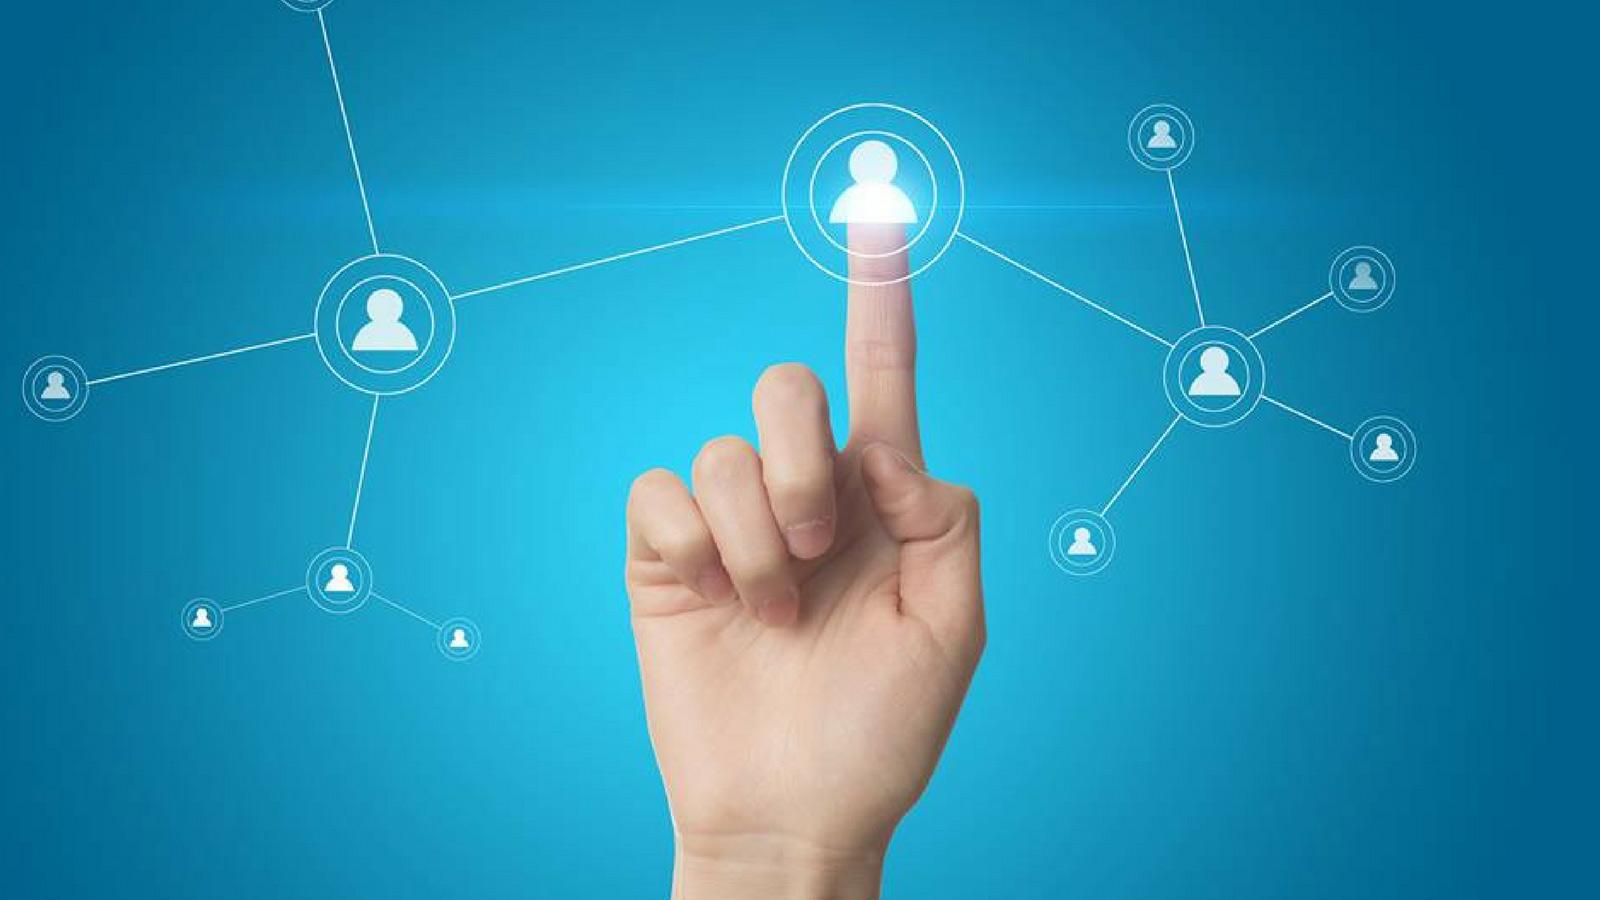 Guida alla scelta del migliore gestionale aziendale